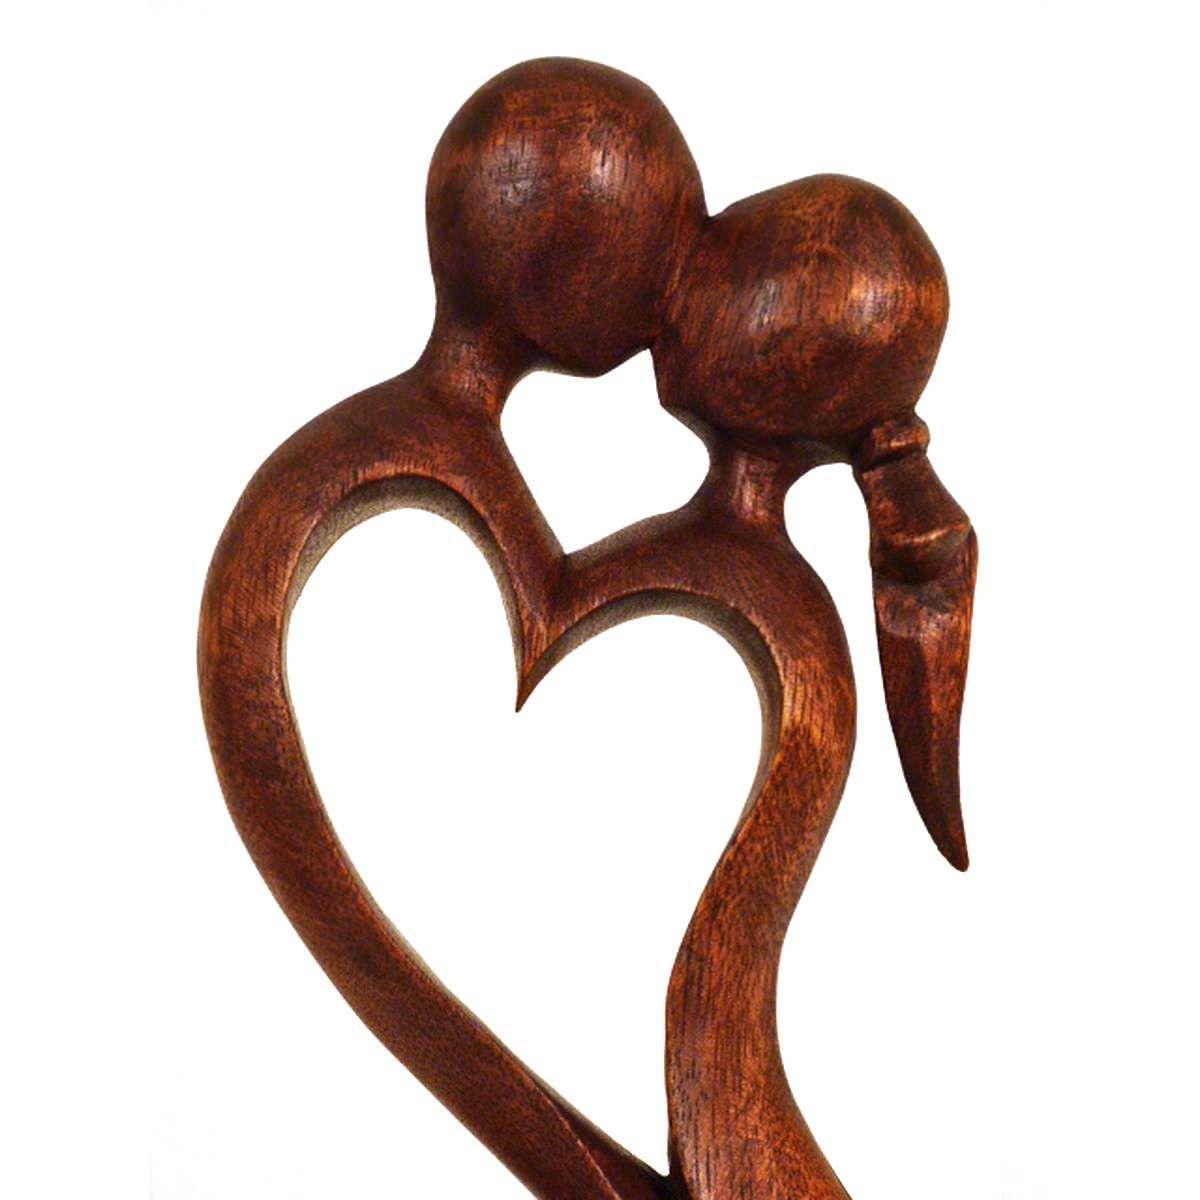 Madera escultura figura abstracto de frica hecho a mano - Esculturas de madera abstractas ...